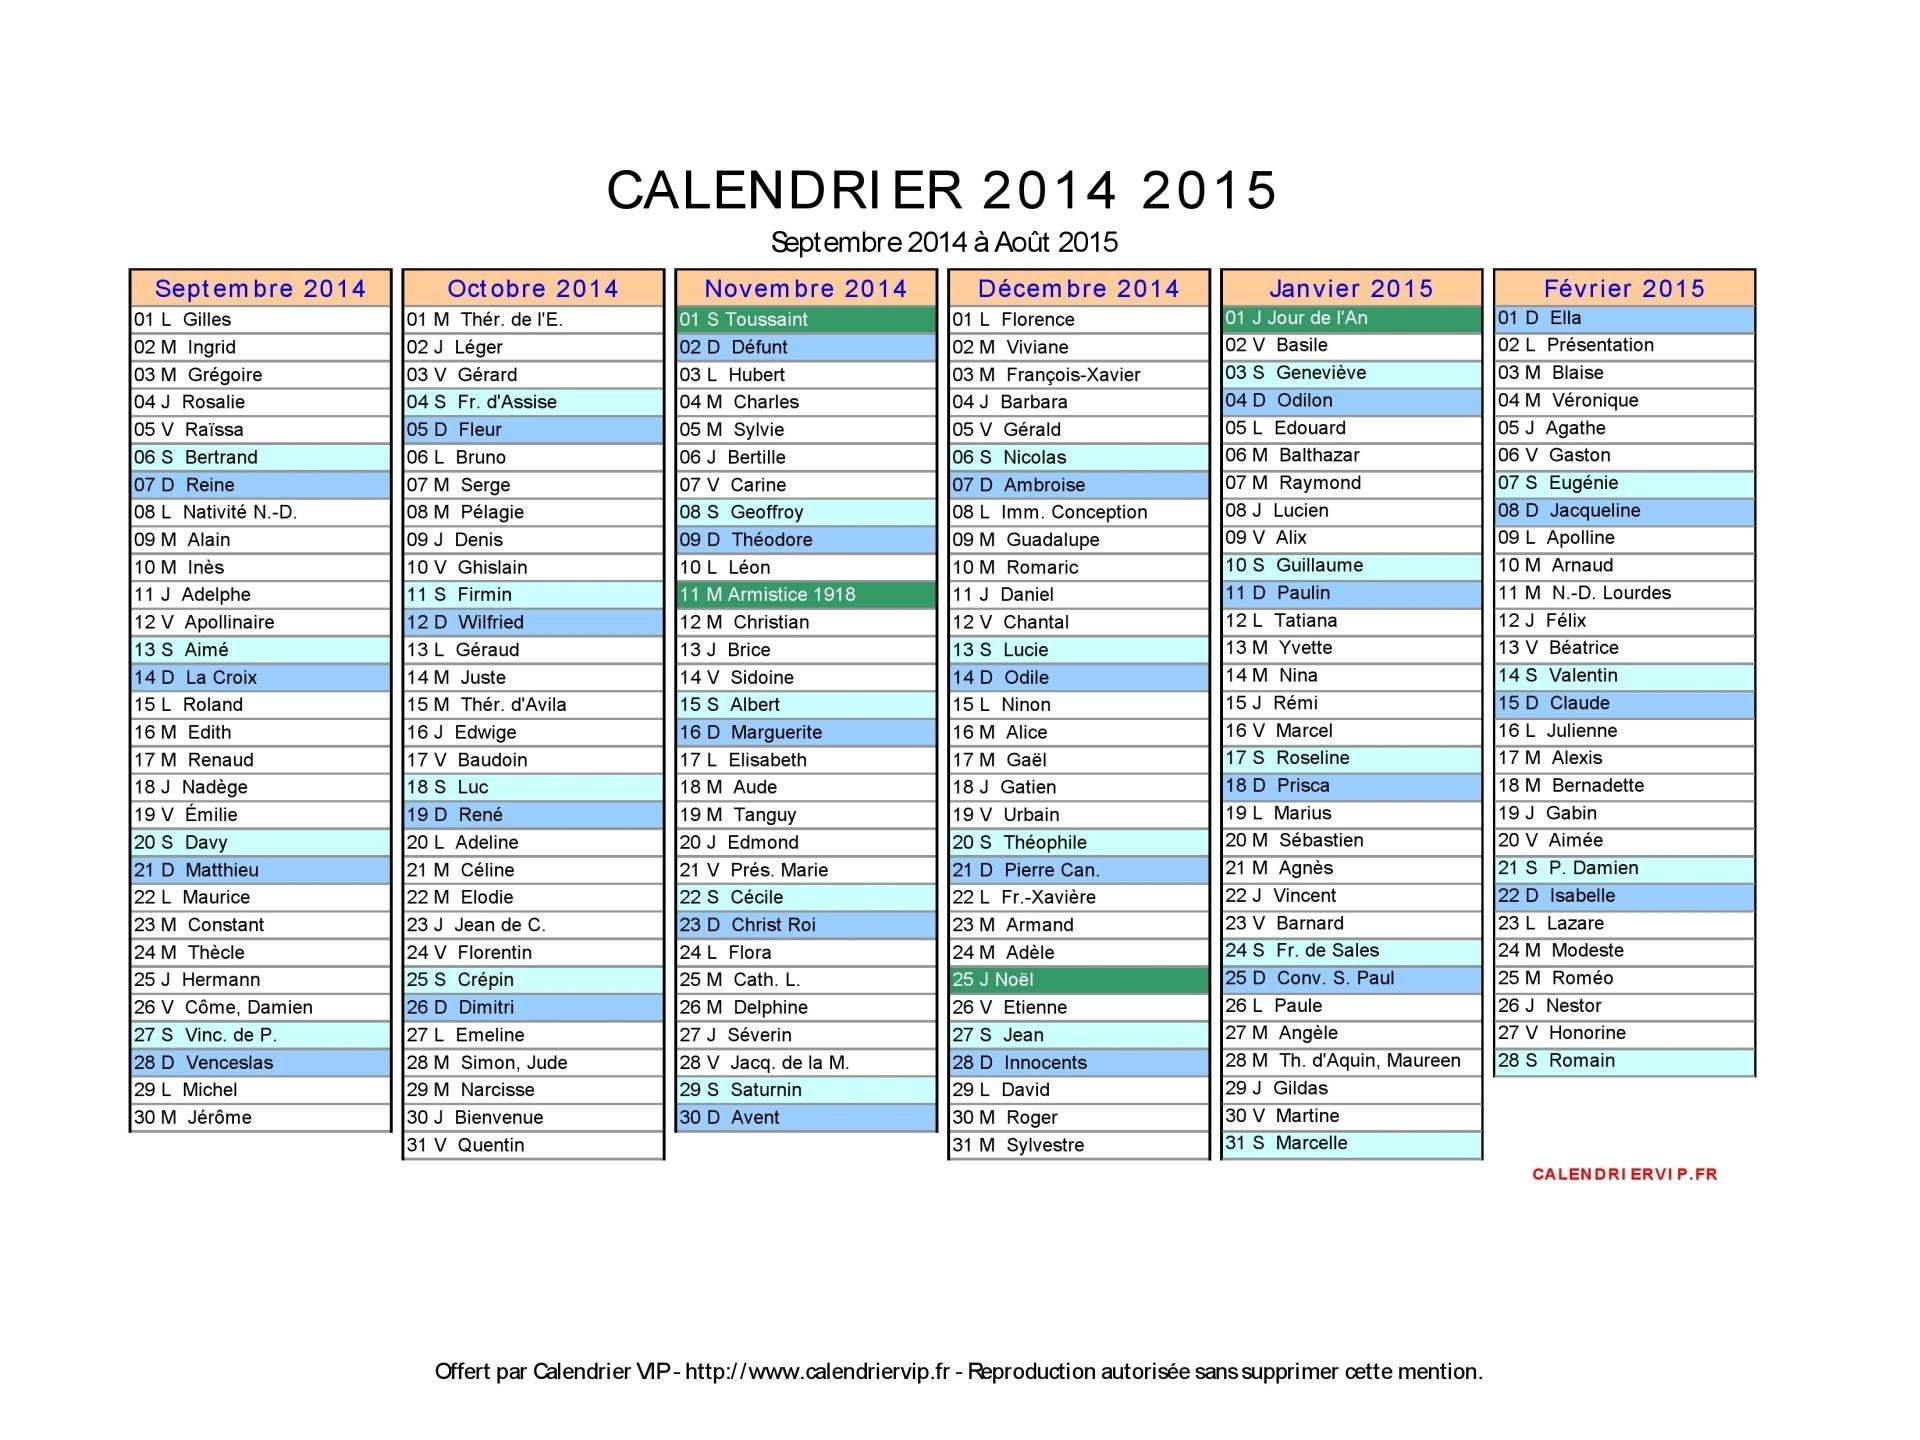 calendrier de septembre 2014 à août 2015 12 mois calendrier complet